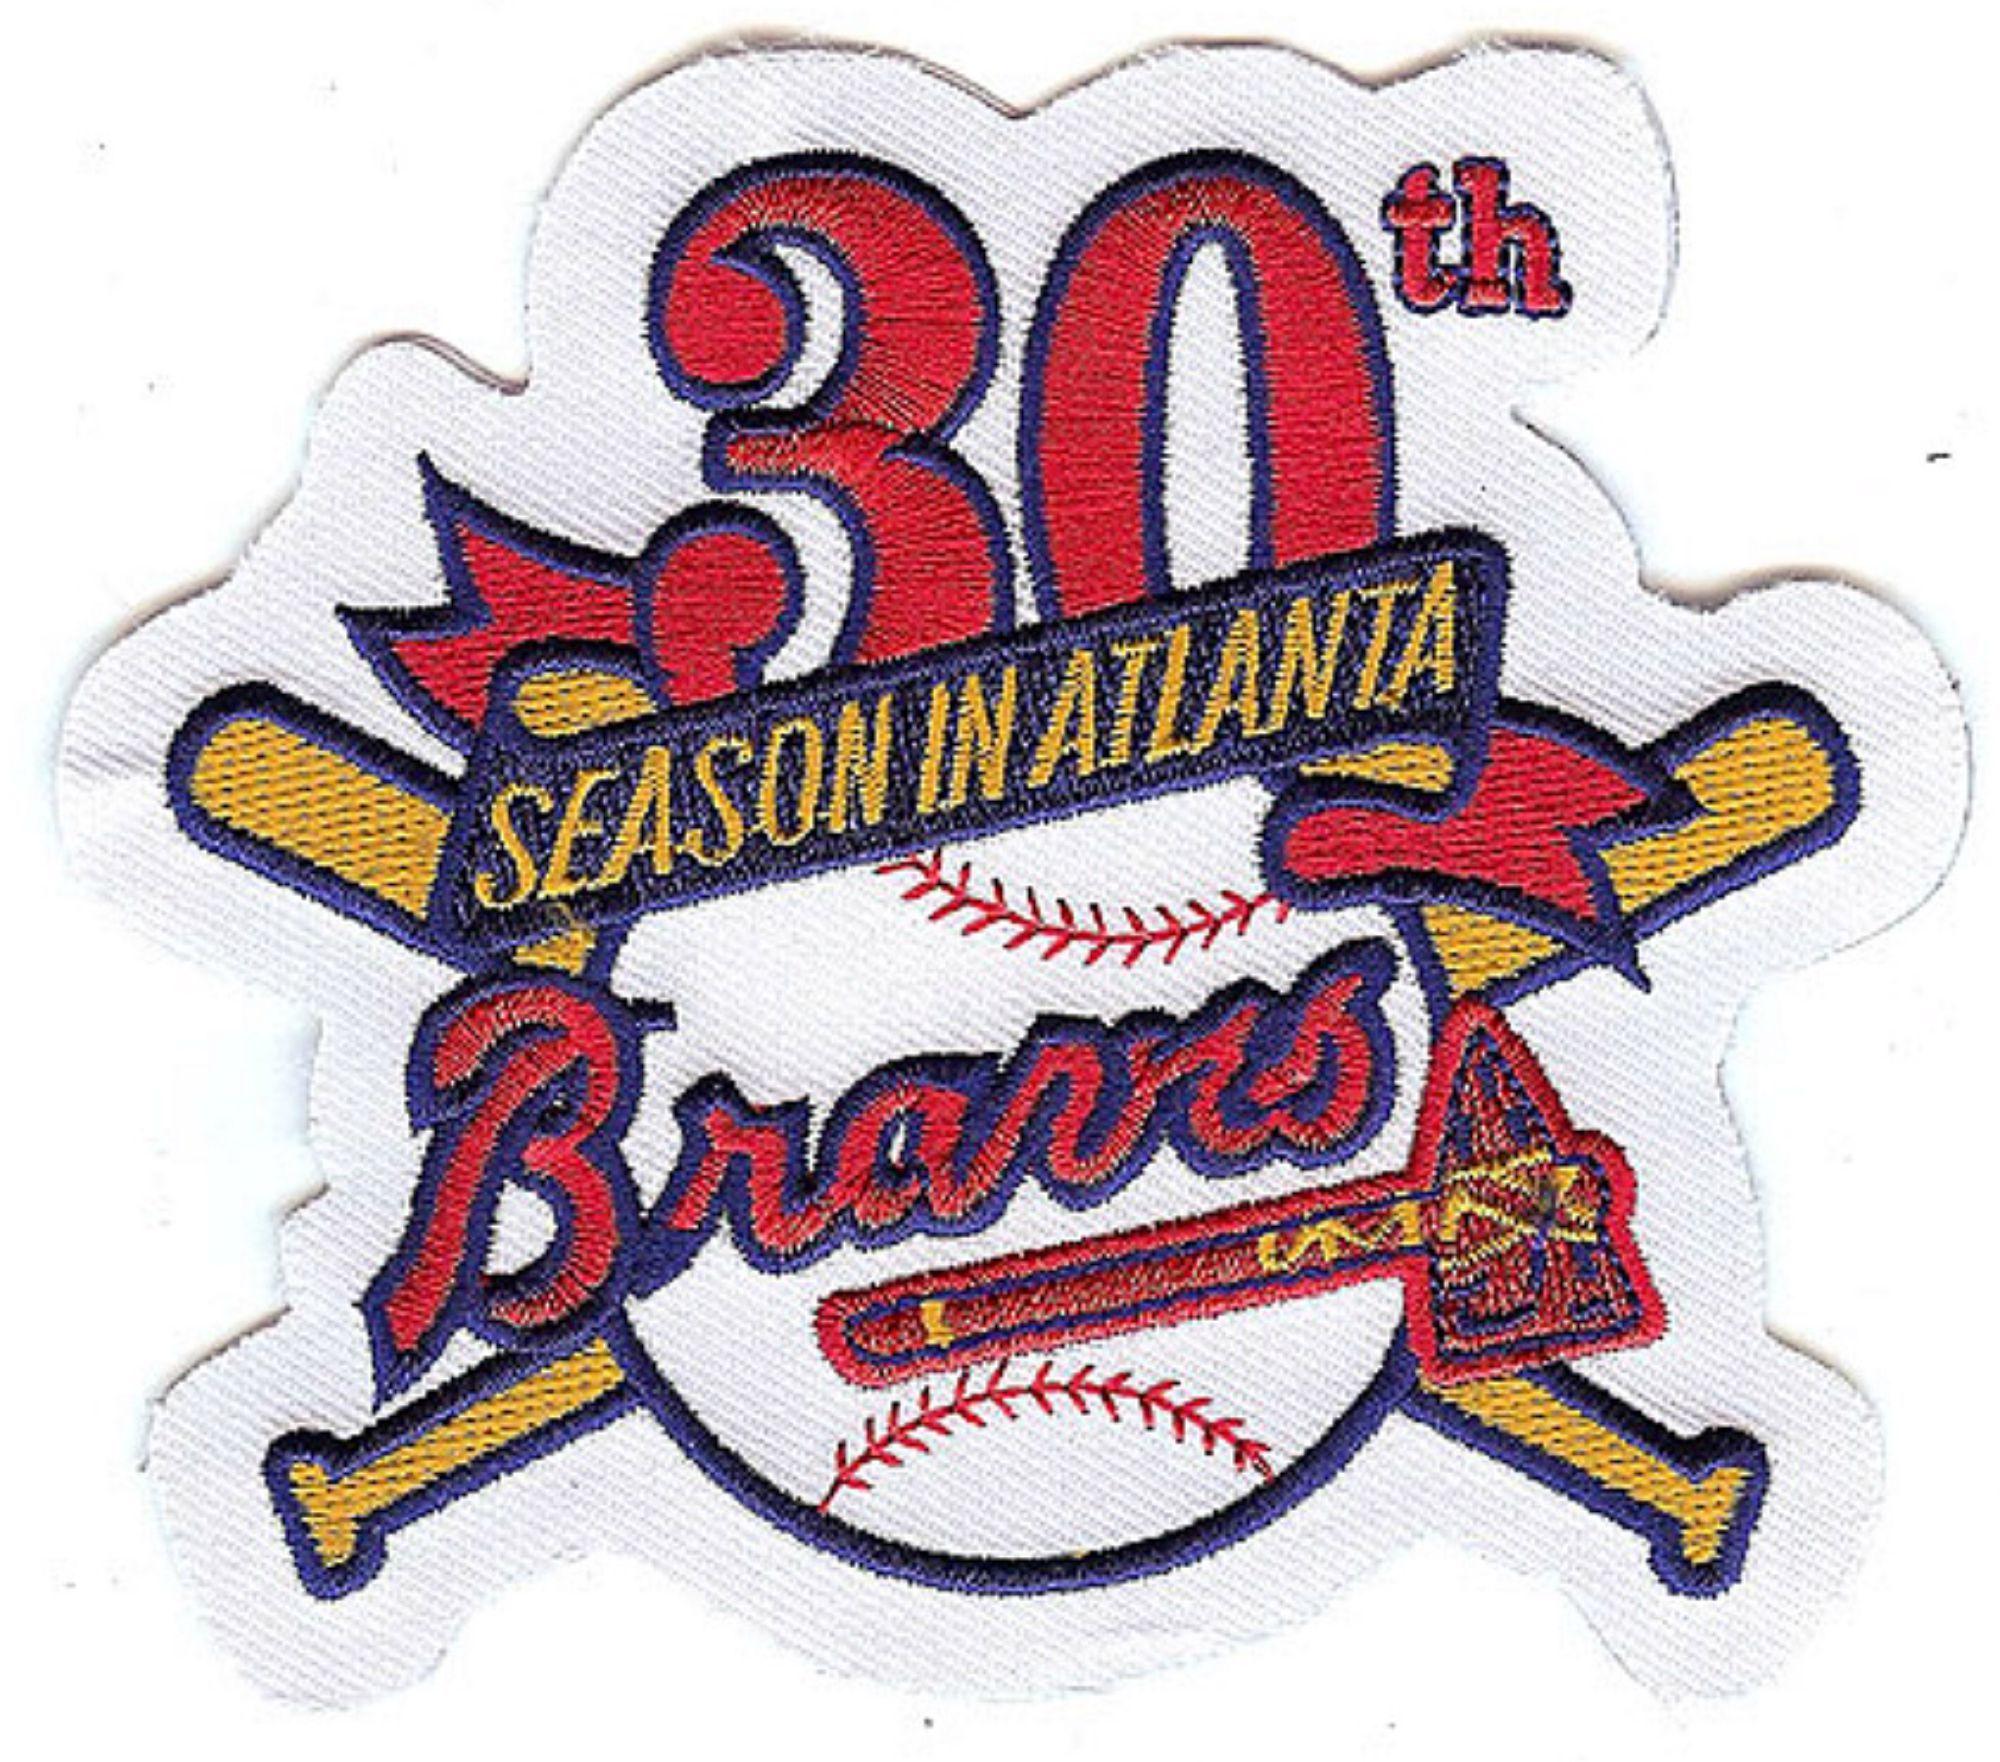 Atlanta Braves 30th Anniversary Atlanta Braves Braves Athletics Logo